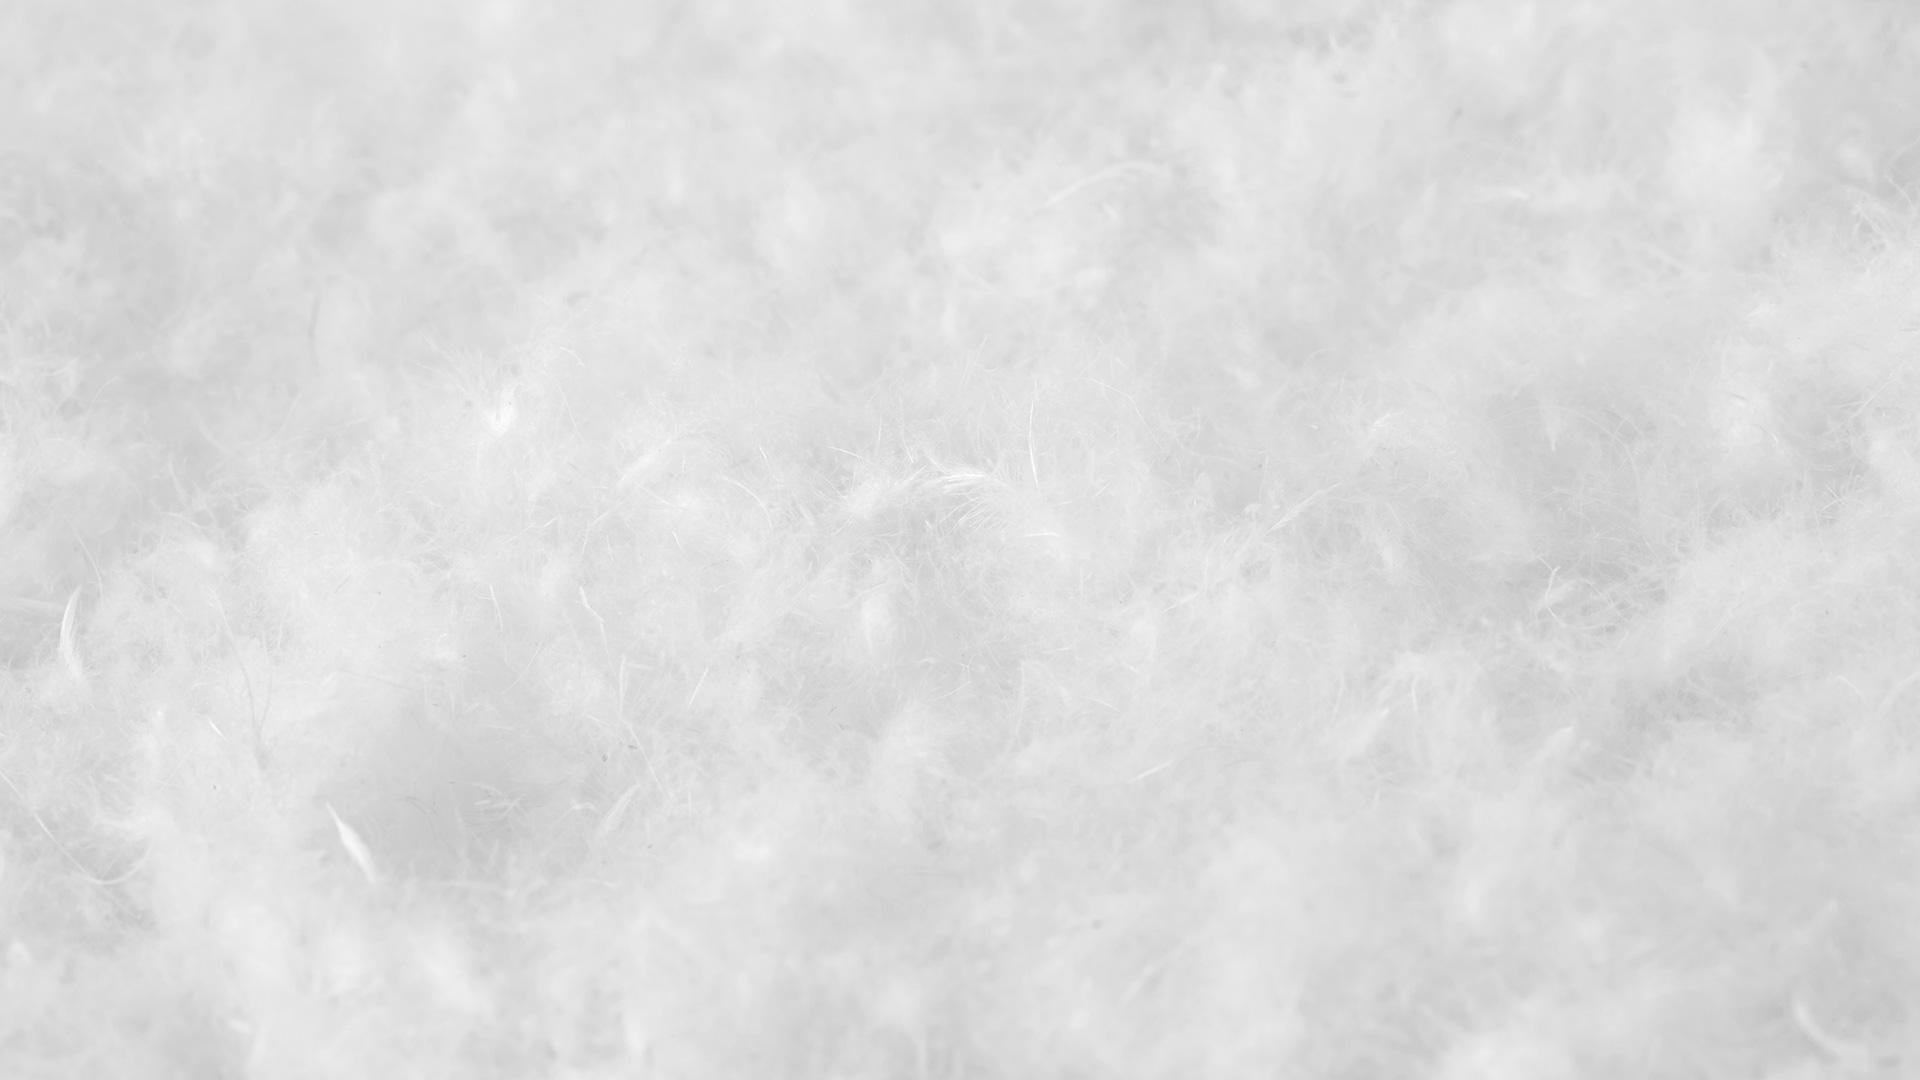 轻羽软枕,绒朵精细加工,含绒量高达70%?x-oss-process=image/format,jpg/interlace,1